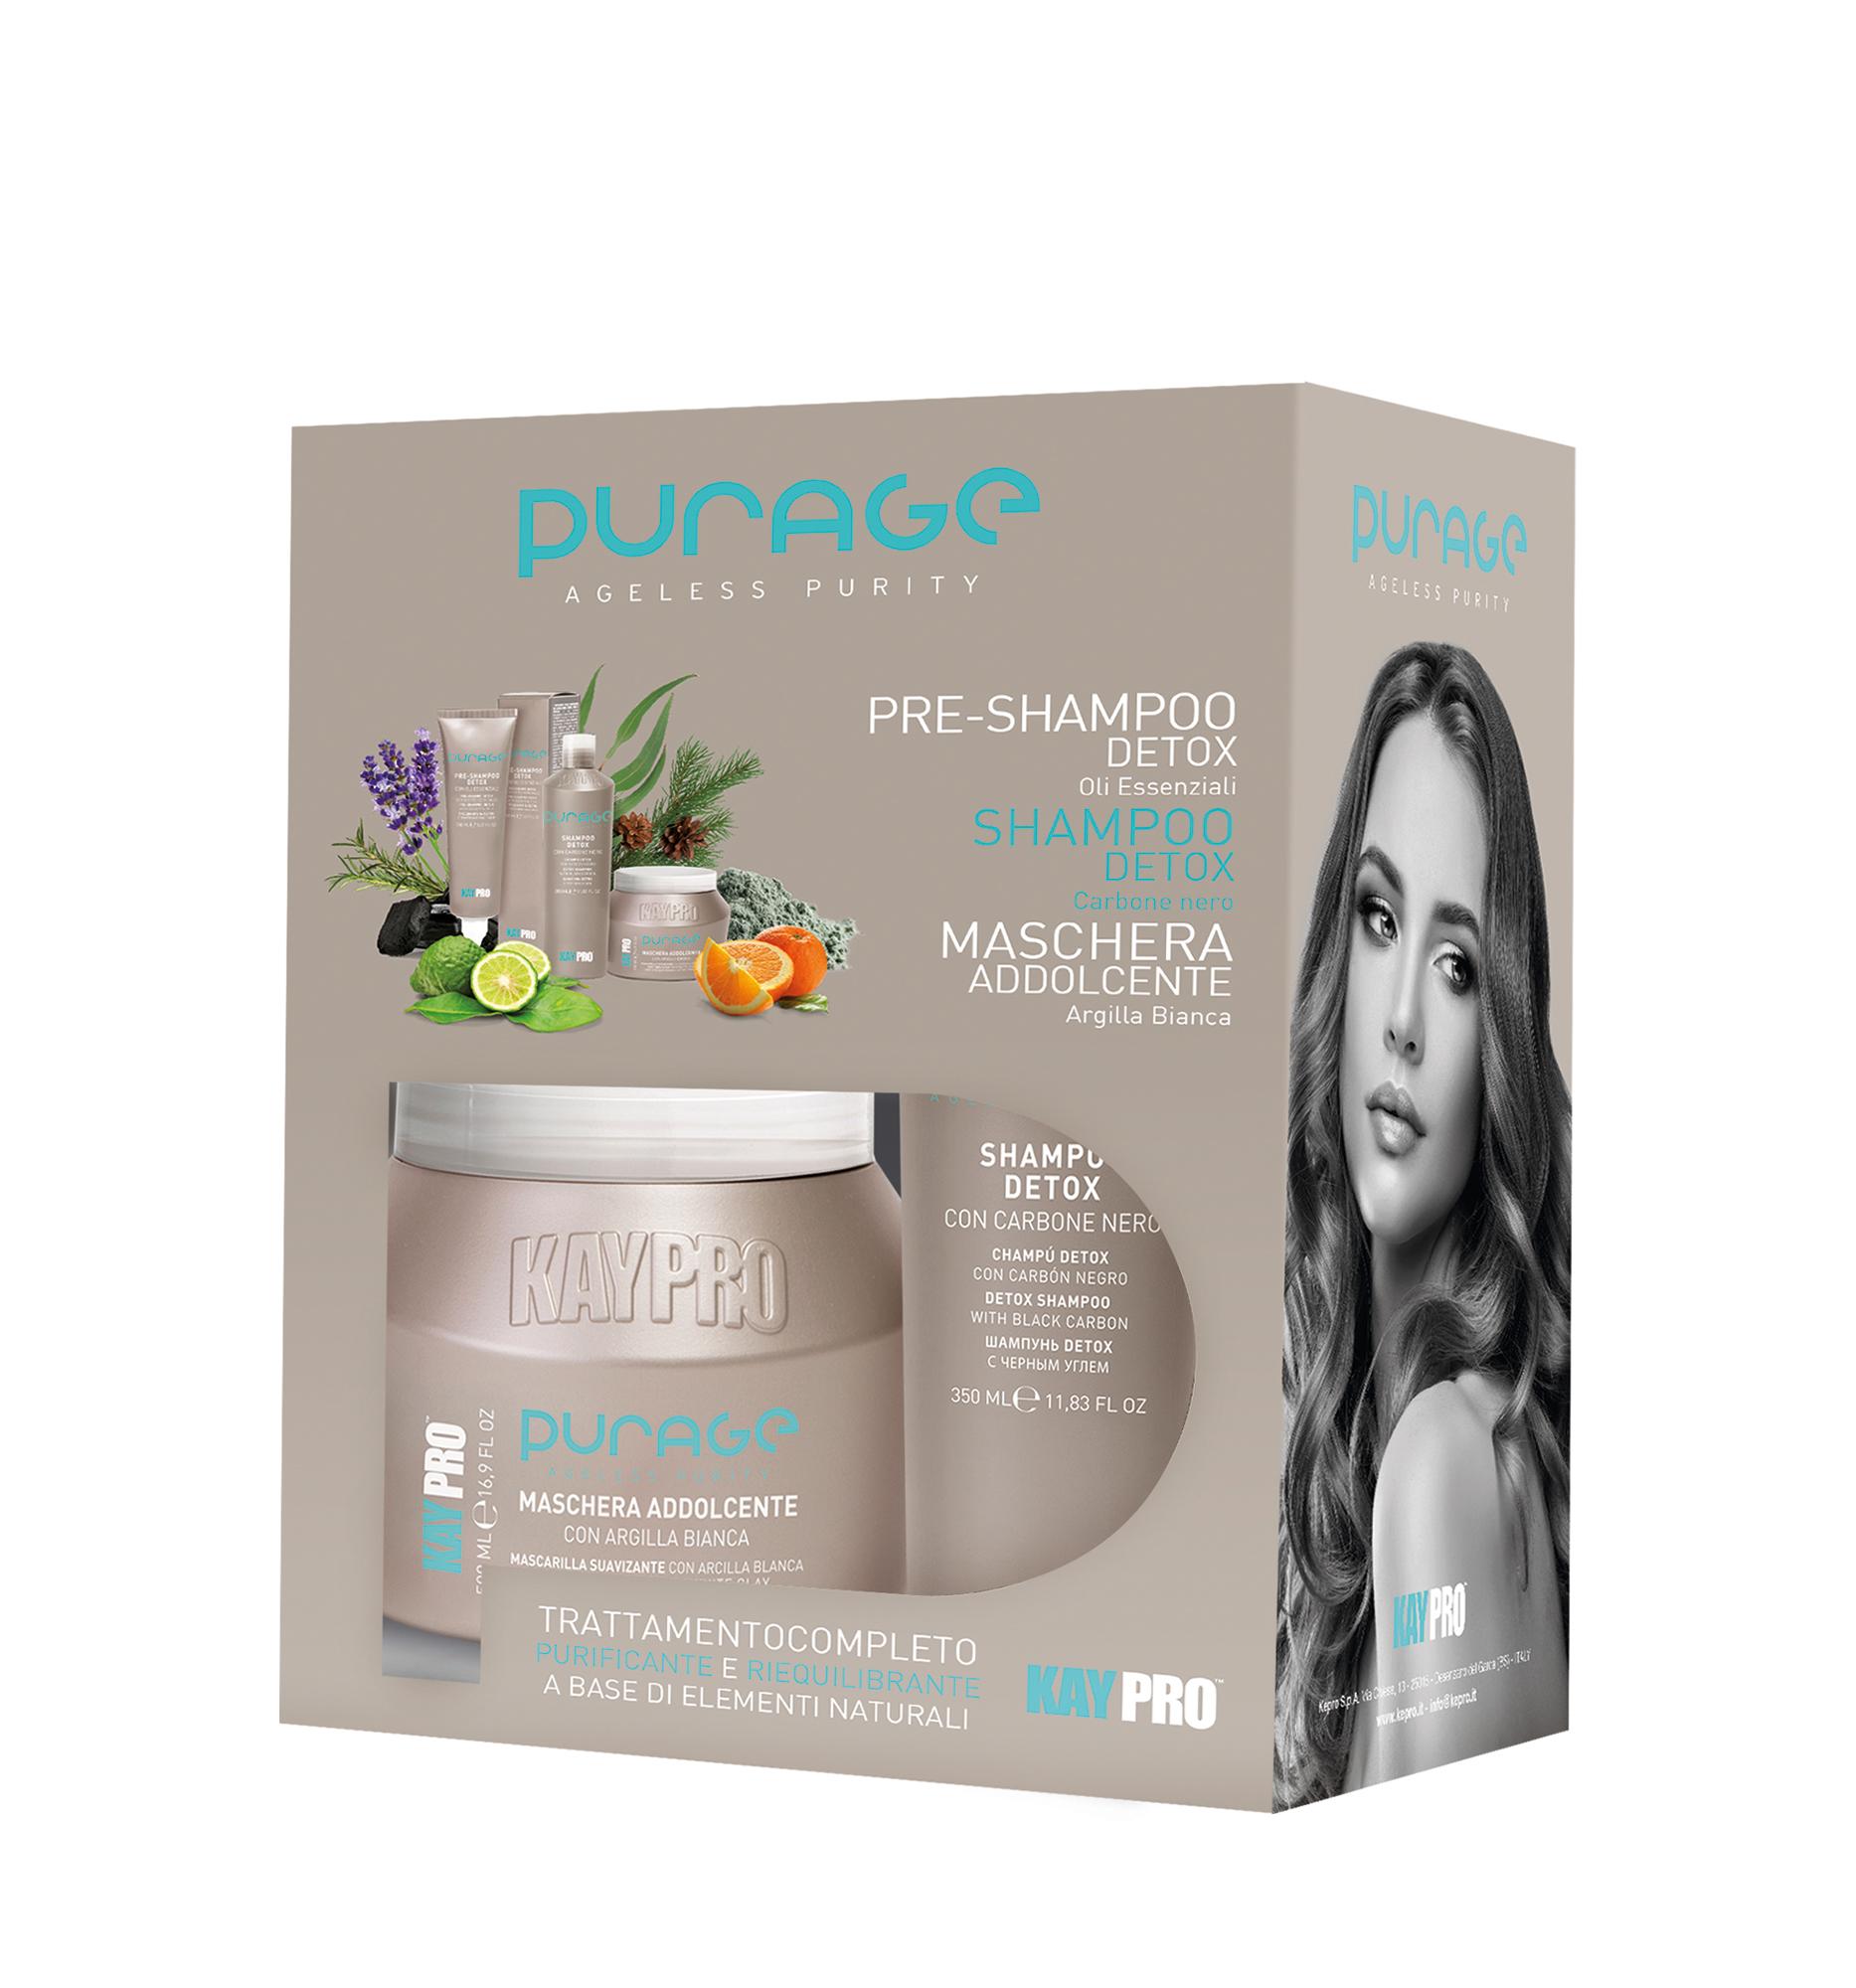 KAYPRO Purage Ageless Purity Kit - detoxikační set na vlasy